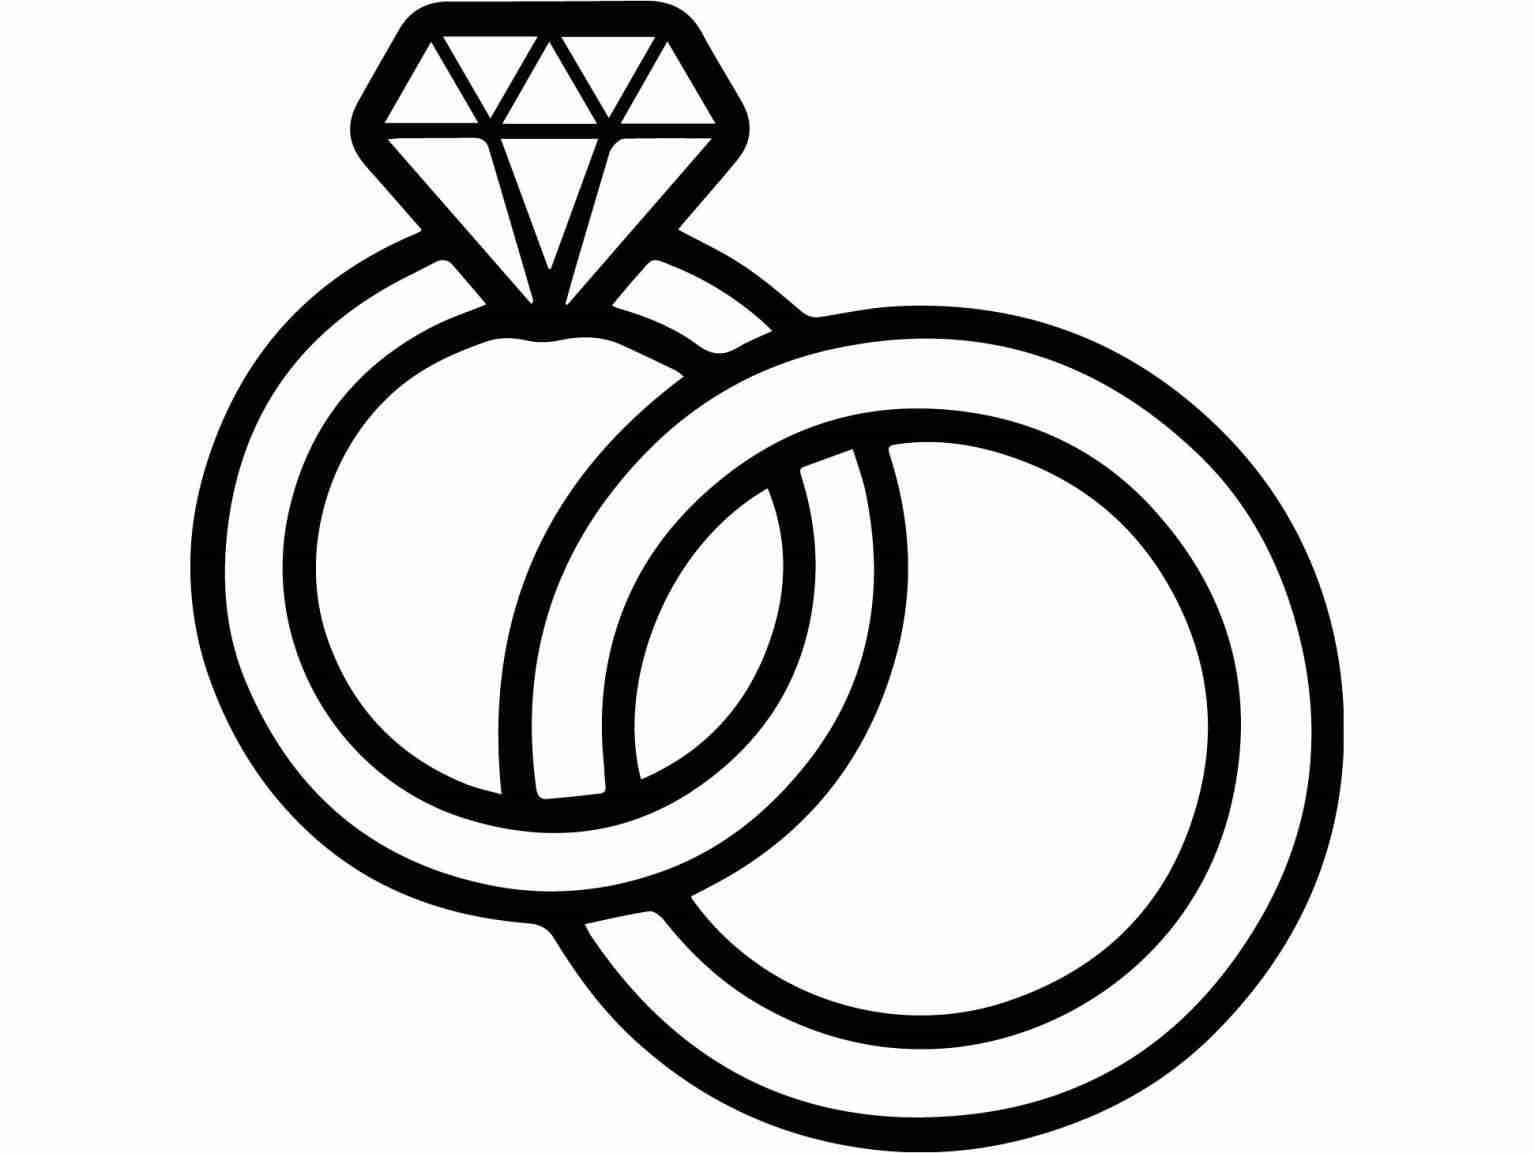 wedding ring drawing at